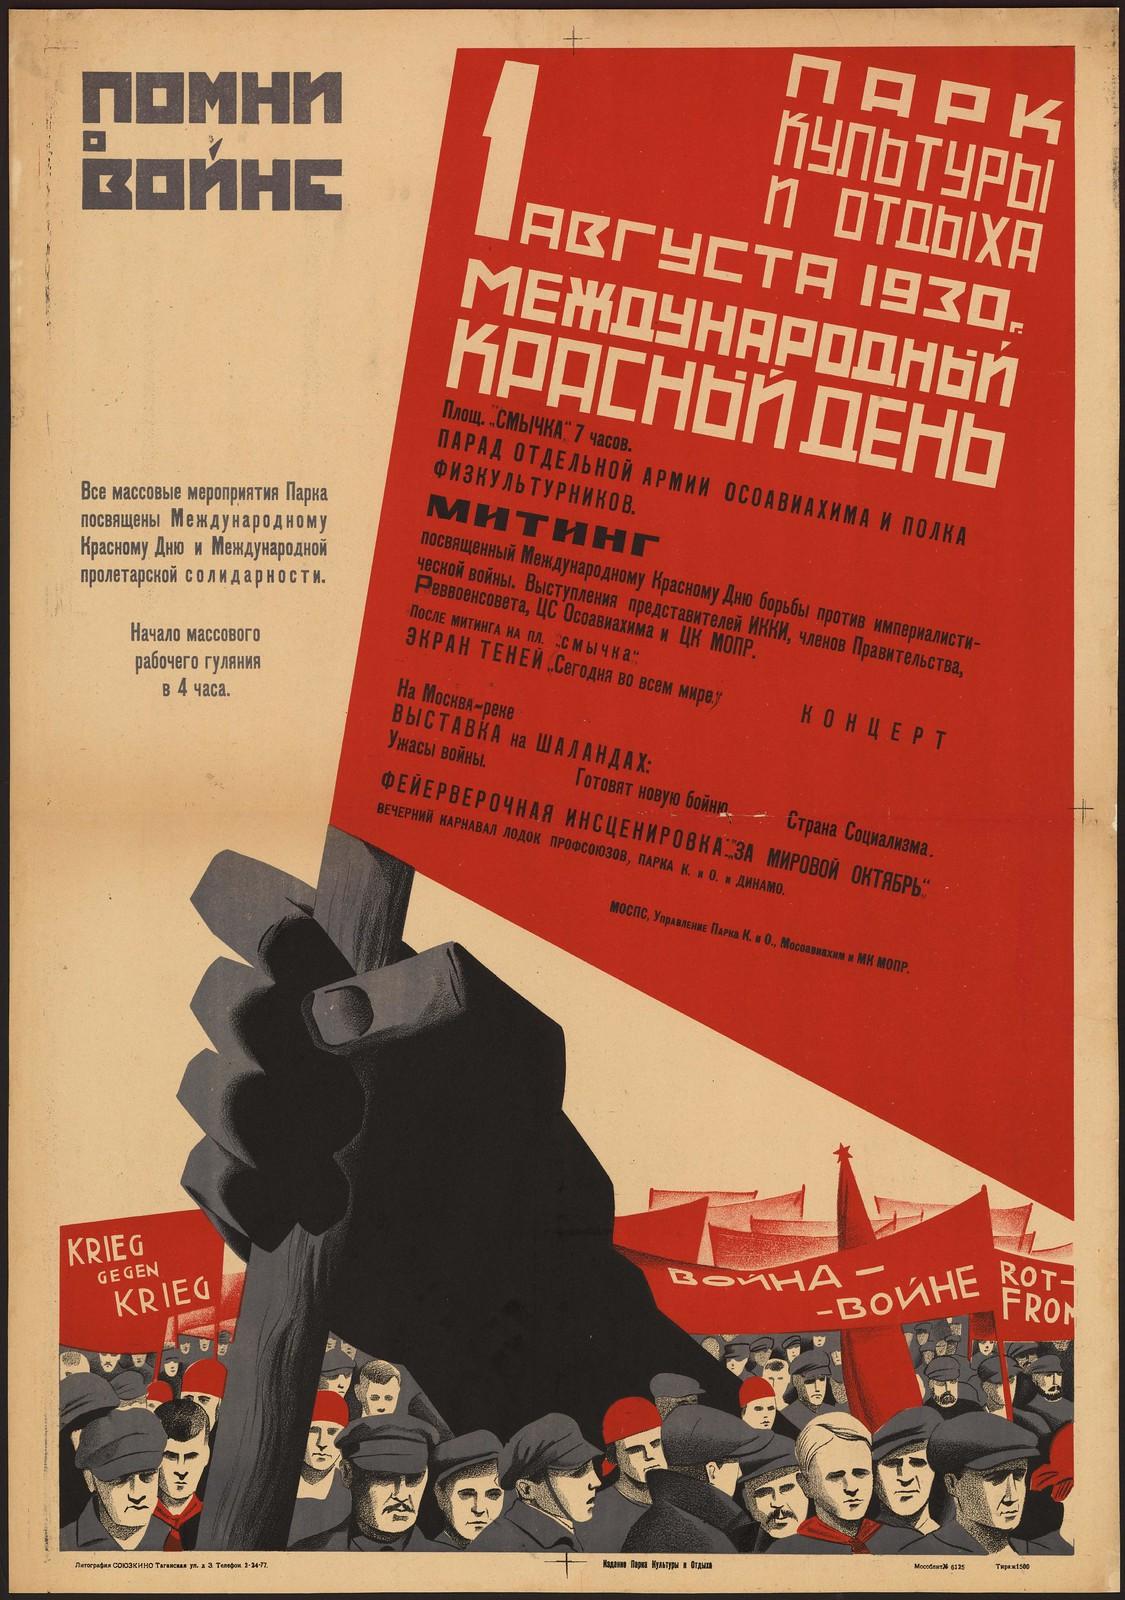 1931. Парк Культуры и Отдыха 1 августа 1930 г. Международный Красный День. Помни о войне